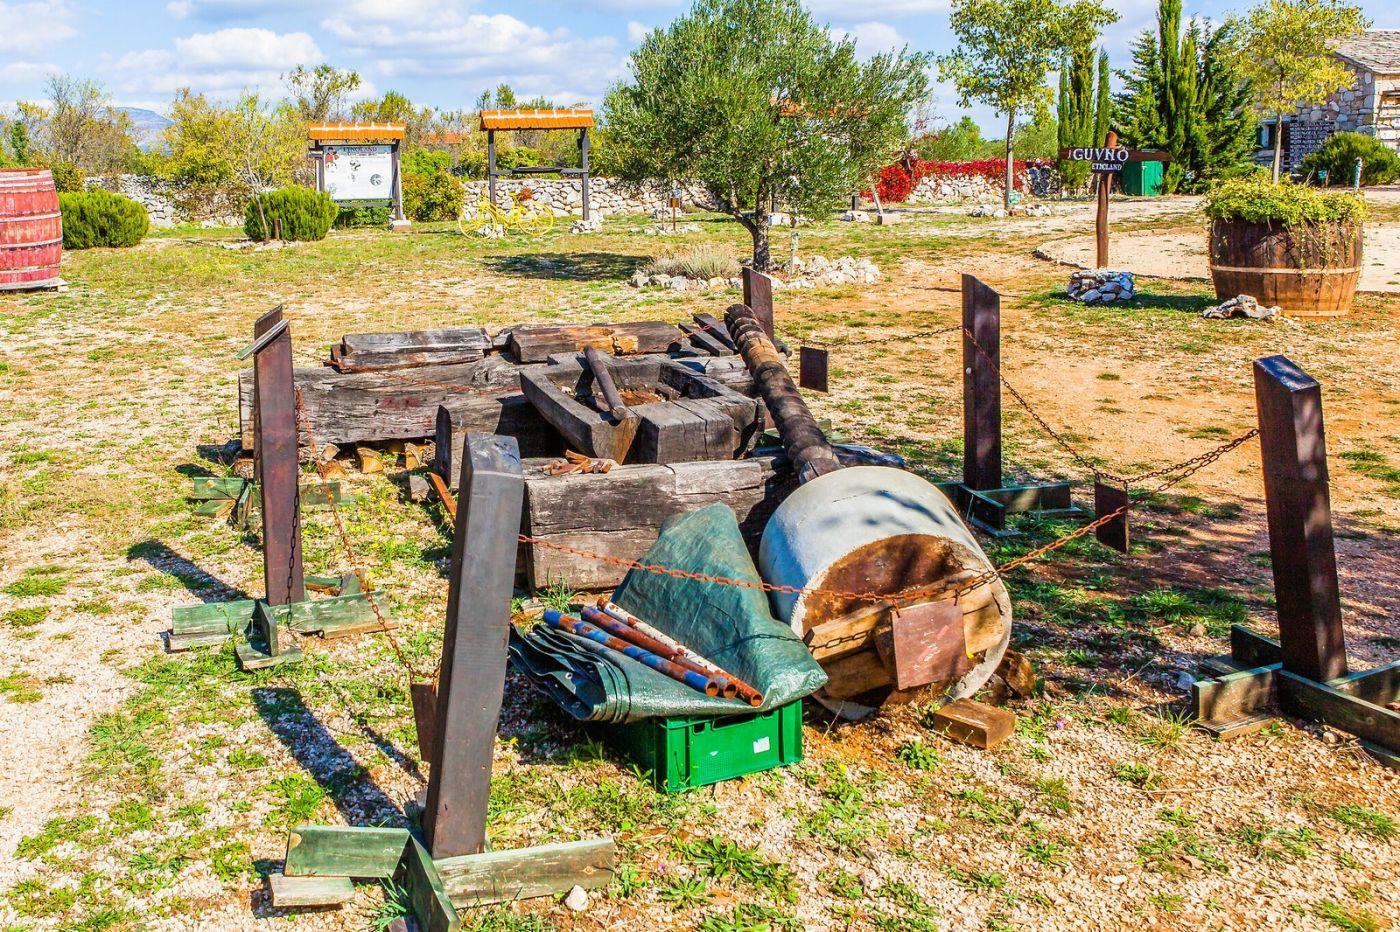 克罗地亚达尔马提亚村,独特的地域风貌_图1-28